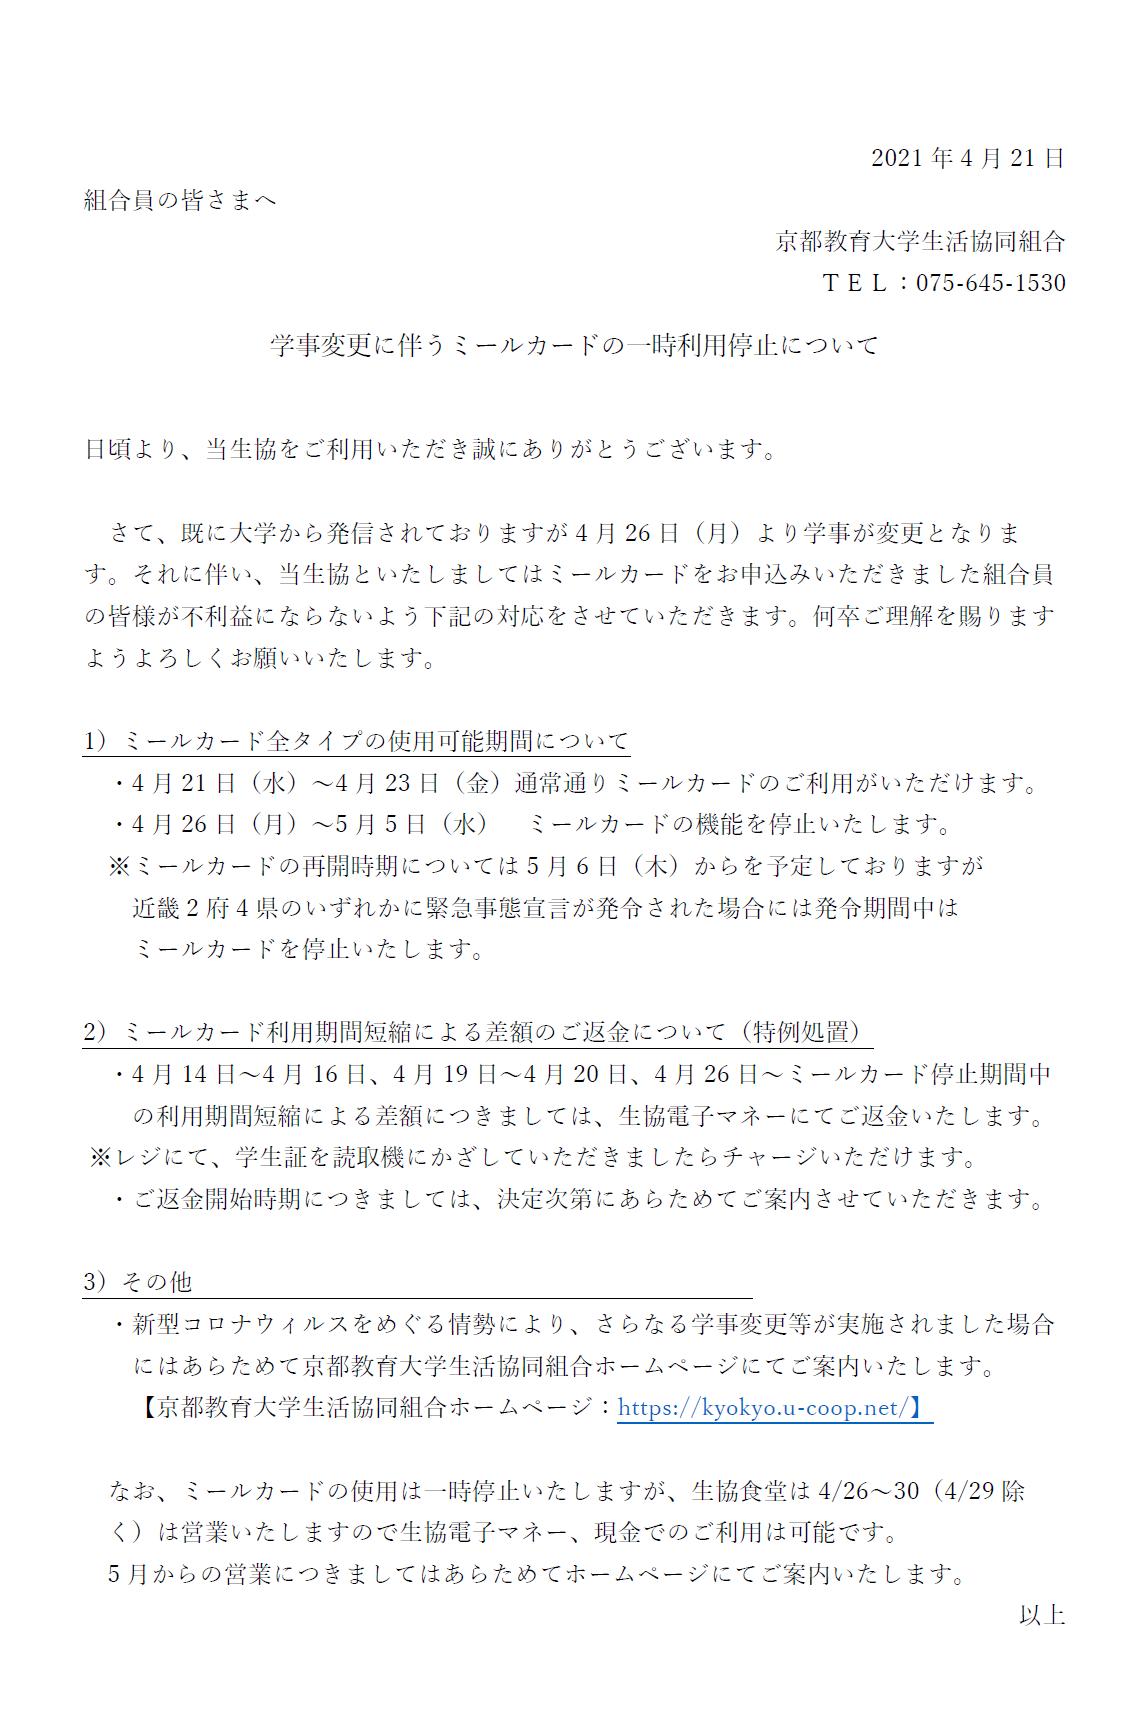 学事変更に伴うミールカードの一時停止について(HPアップ用).png